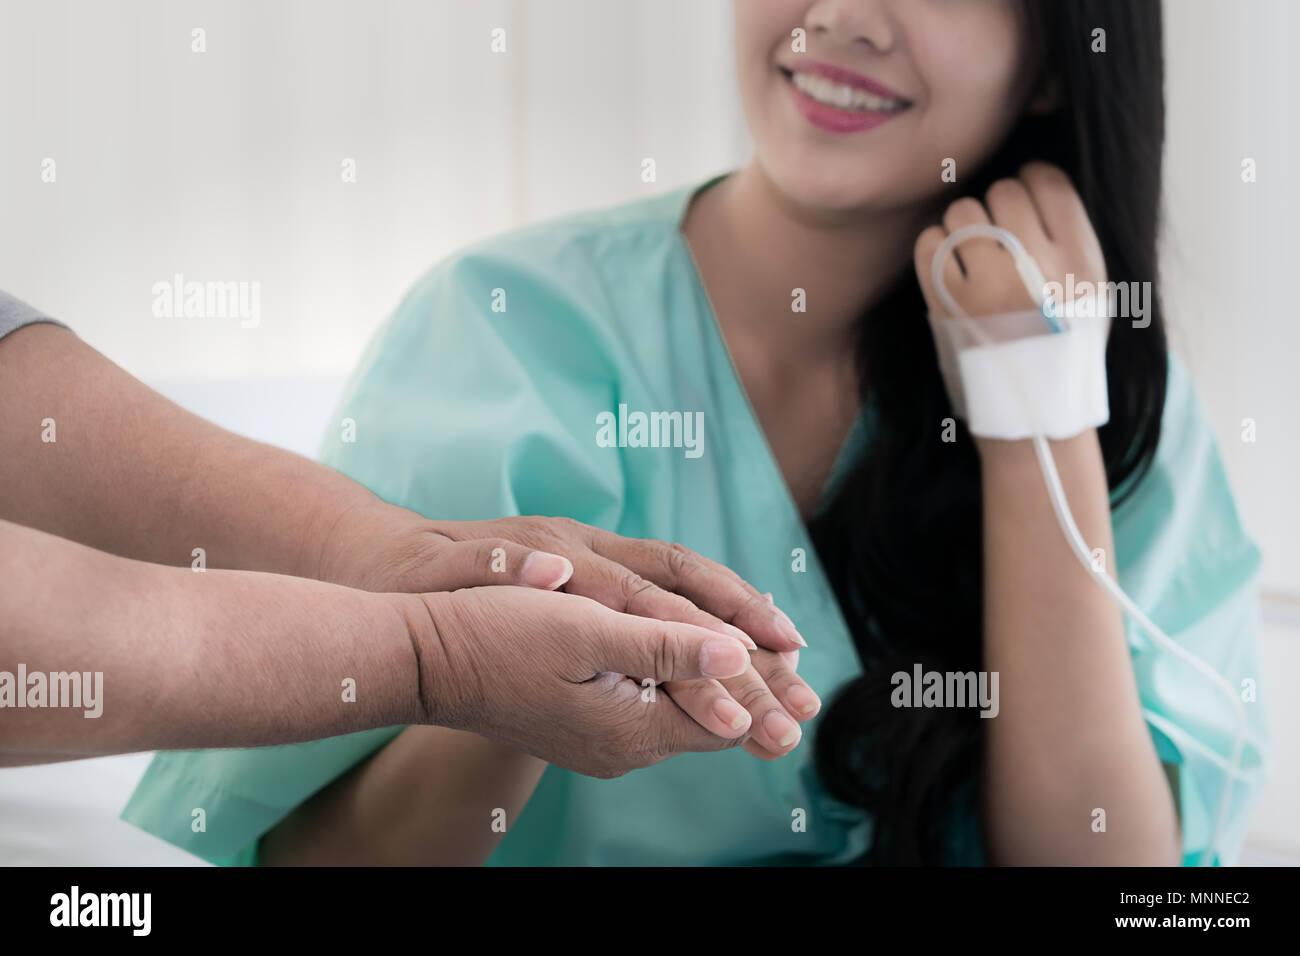 Madre mani tenendo la figlia di mano del paziente seduto alla scrivania di incoraggiamento, empatia, tifo e supporto durante la visita medica. Buona ne Immagini Stock